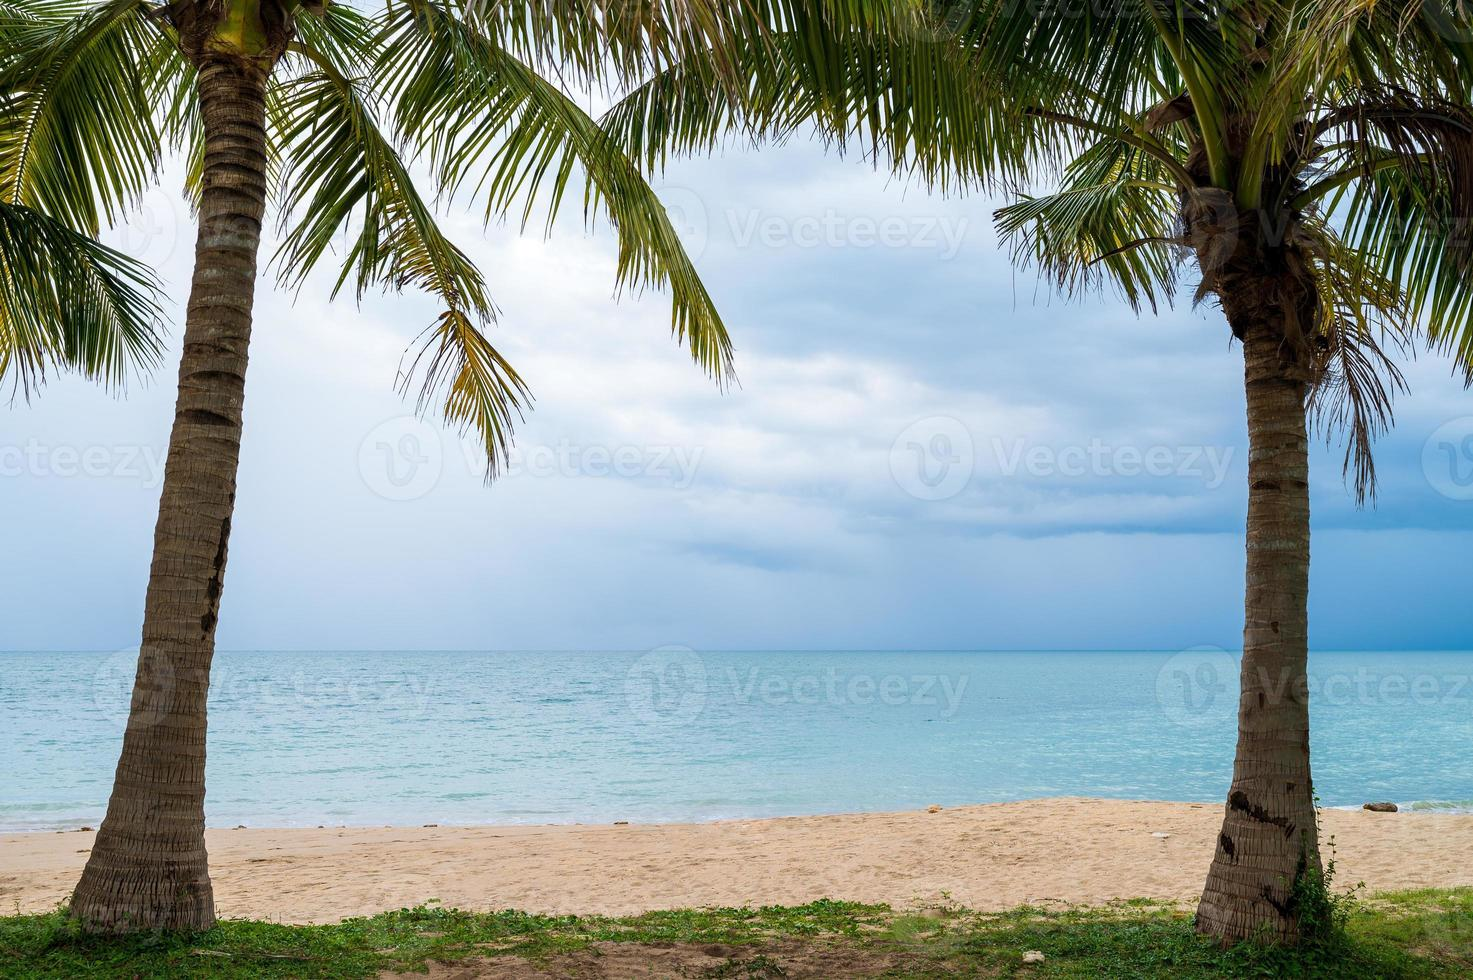 cadre de palmiers avec plage de sable photo